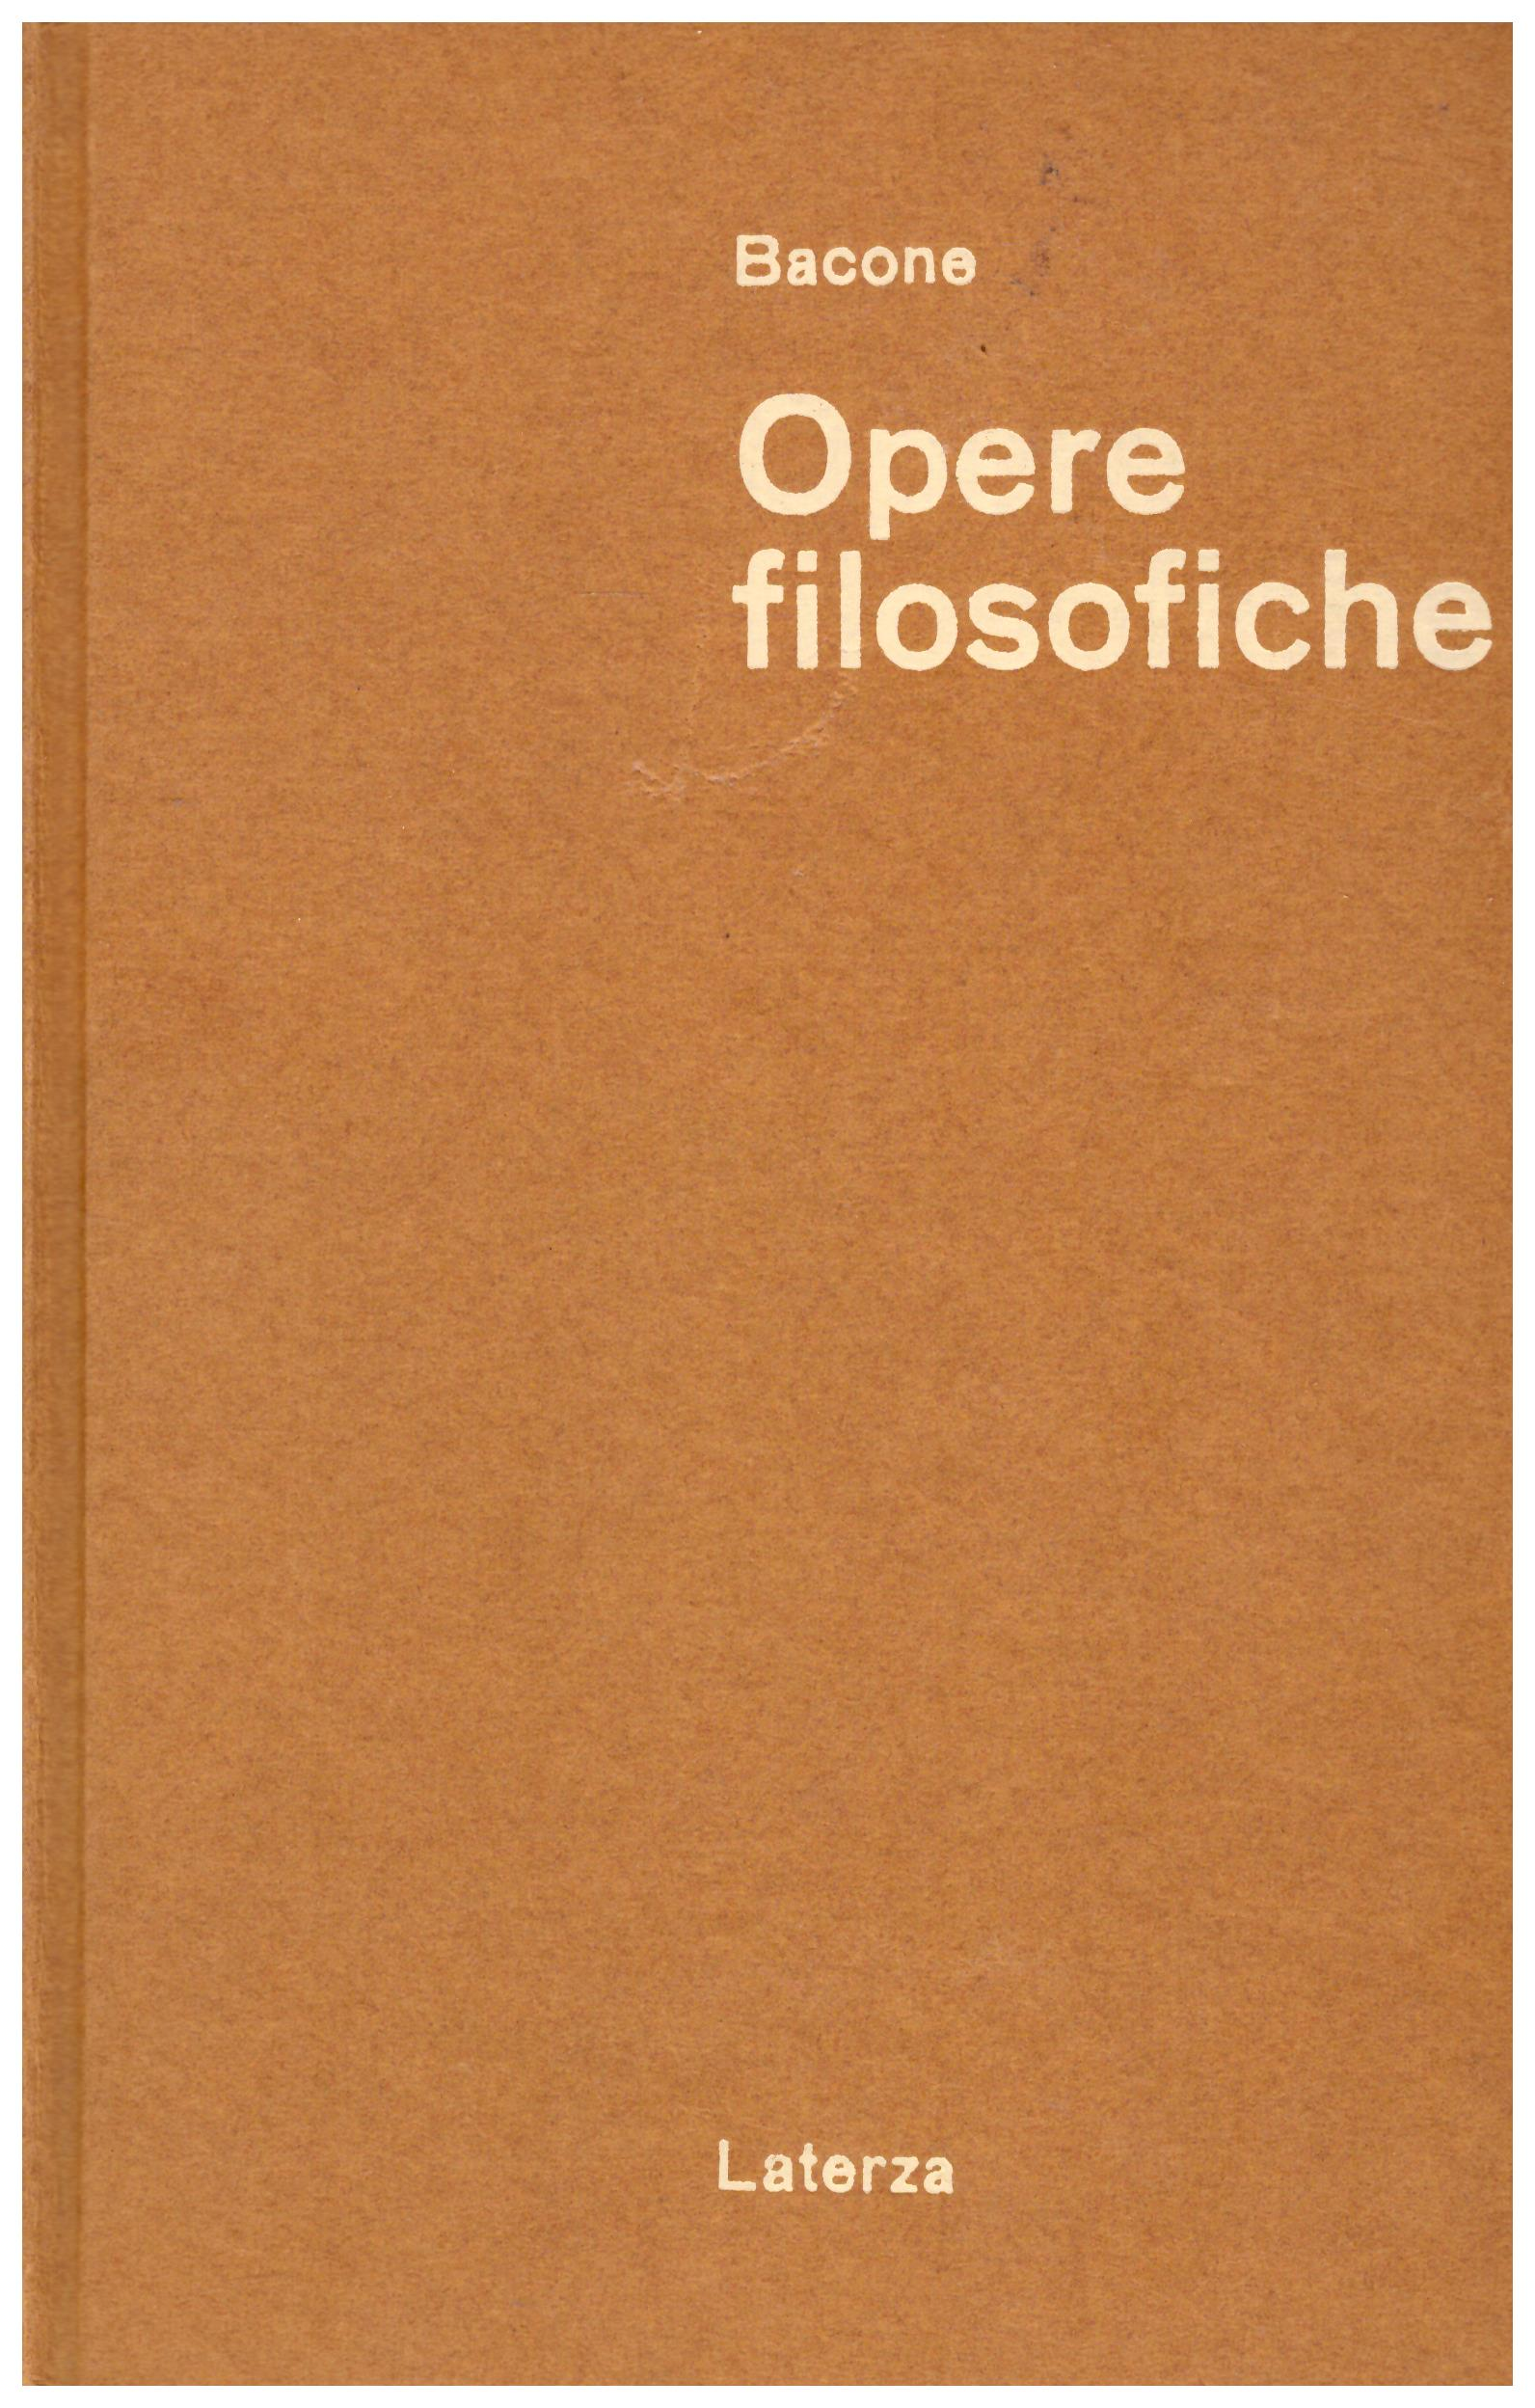 Titolo: Opere filosofiche in 2 volumi Autore: Francesco Bacone, a cura di Enrico De Mas Editore: Laterza, 1965